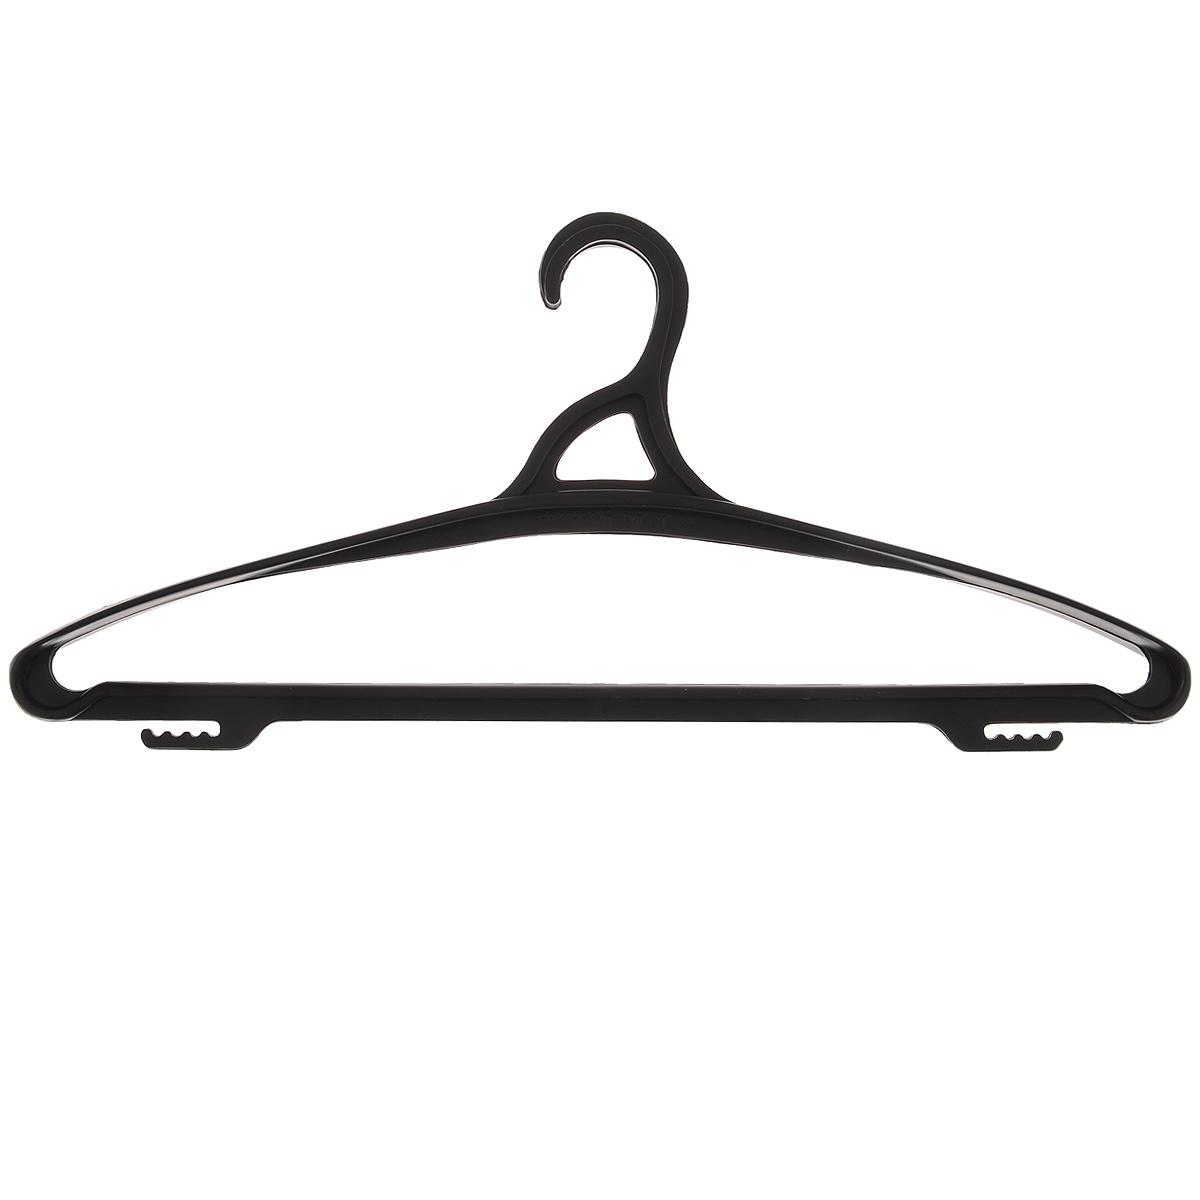 Вешалка ддя верхней одежды Бытпласт, размер 52-54С12023Вешалка для верхней одежды Бытпласт выполнена из прочного пластика.Изделие оснащено перекладиной и боковыми крючками.Вешалка - это незаменимая вещь для того, чтобы ваша одежда всегда оставалась в хорошем состоянии.Размер одежды: 52-54.